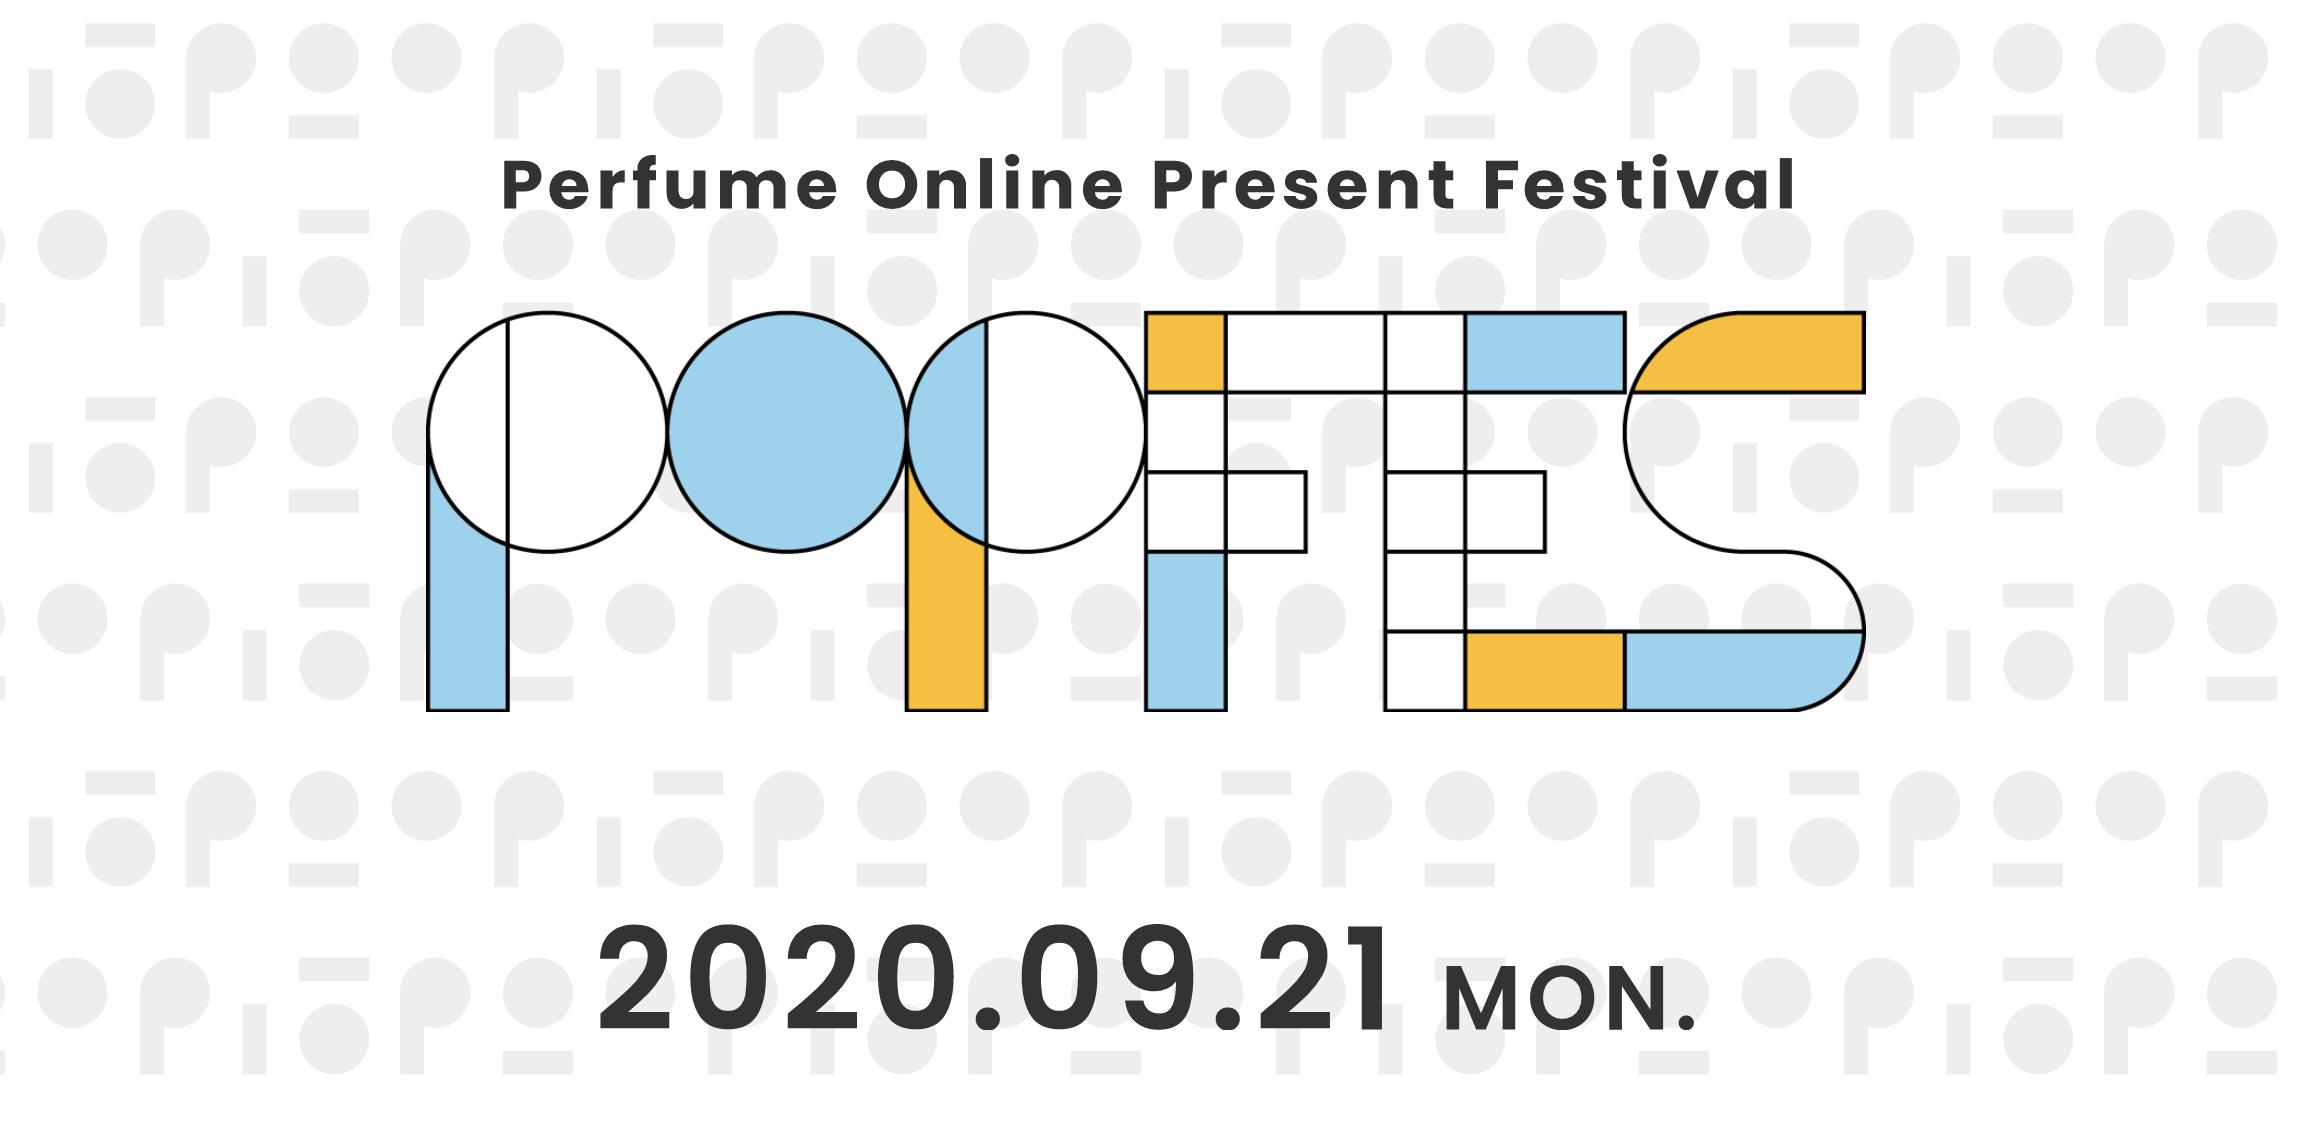 Perfume15周年ライブ(P.O.P)の生中継&見逃し配信が視聴できるサービスを比較!